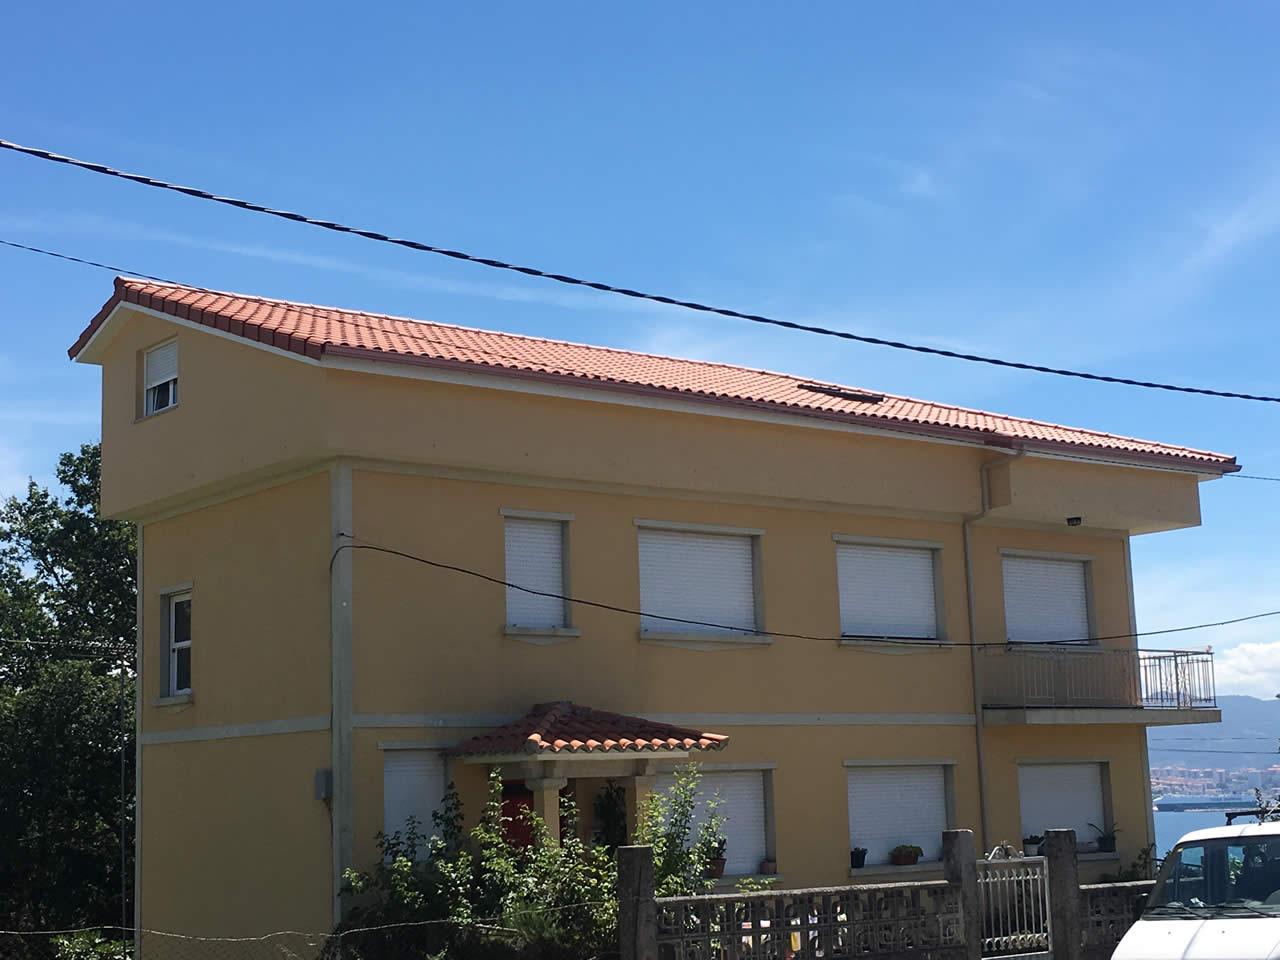 Construcción de tejado a tres aguas en Moaña - Instalaciones Rodríguez Metal